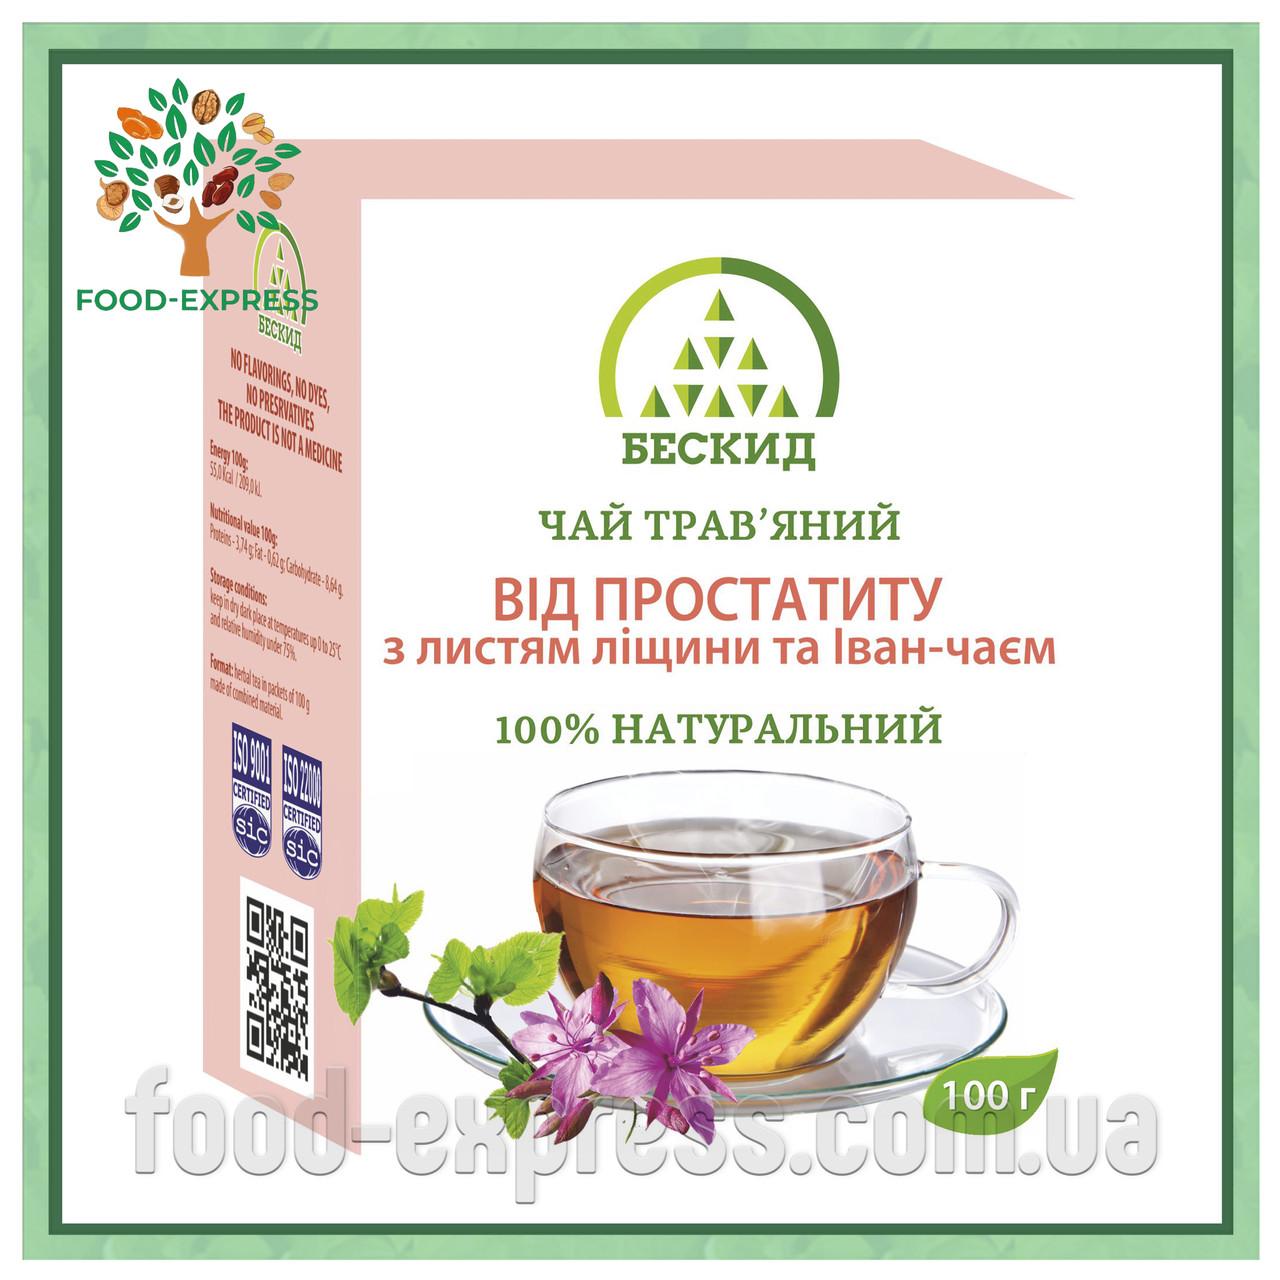 Чай трав'яний «Від простатиту» з листям ліщини та Іван-чаєм 100г